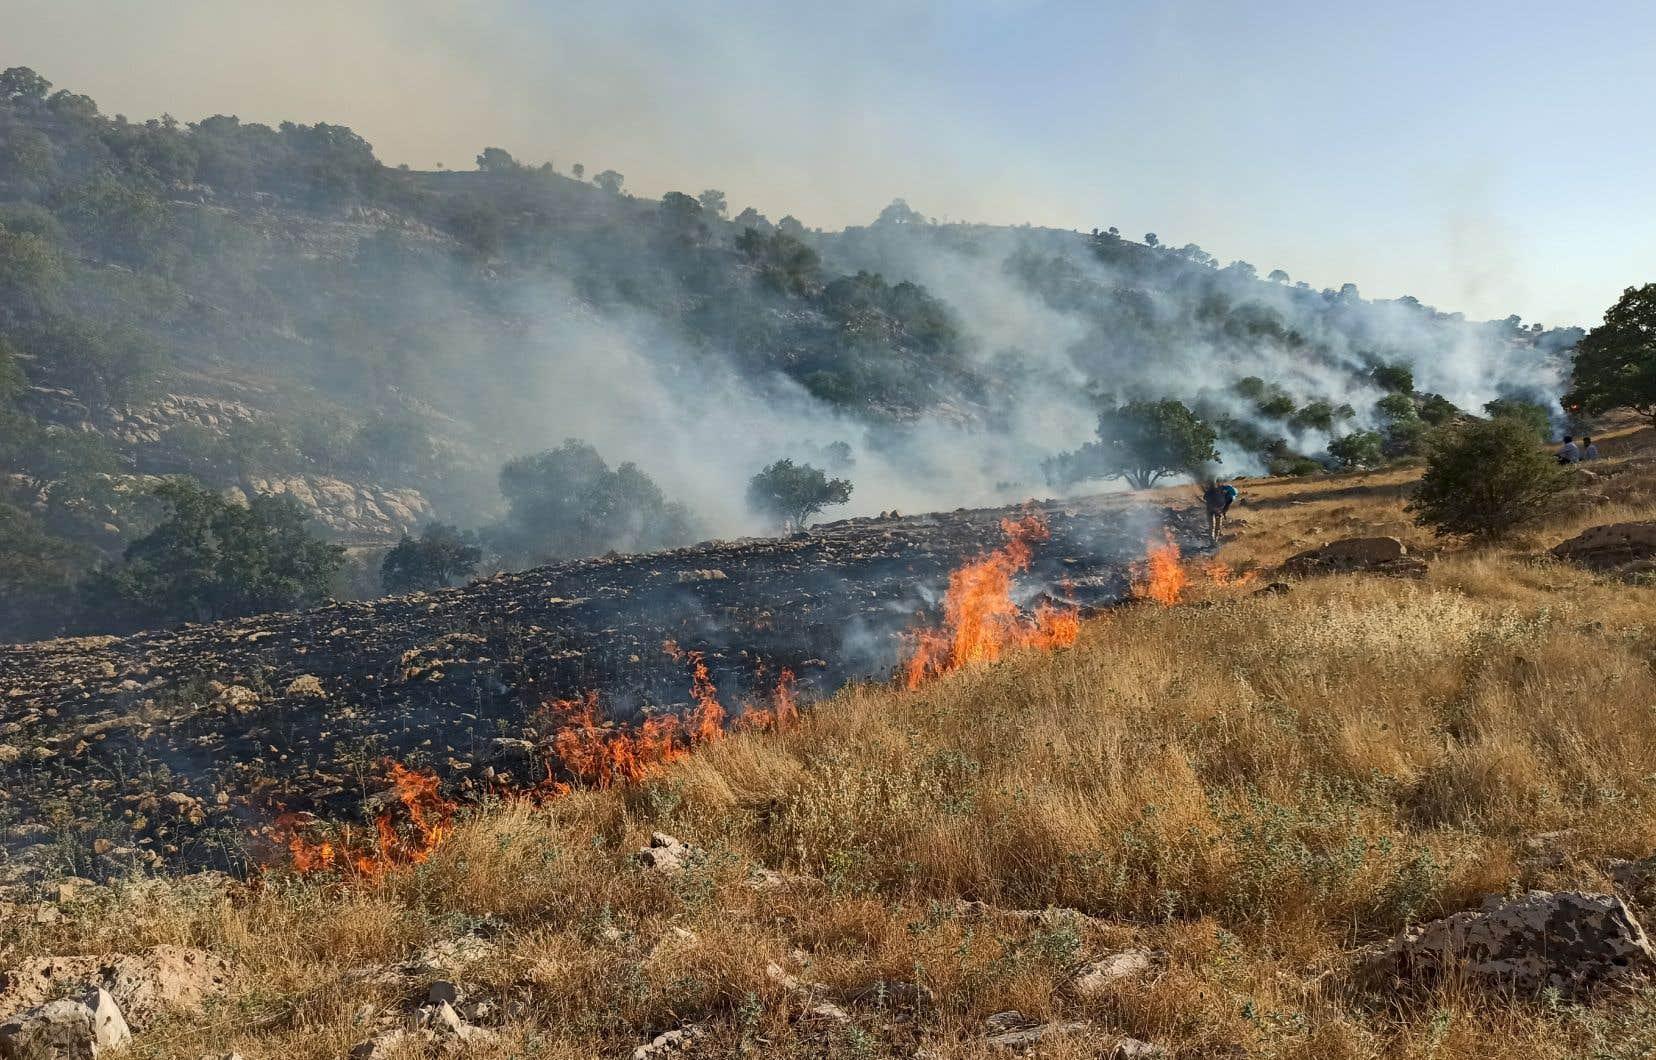 Des incendies ravagent une zone protégée de la chaîne de montagnes du Zagros, près de la ville de Behbahan dans la province du Khuzestan, qui est frappé par une sécheresse depuis la fin mars.